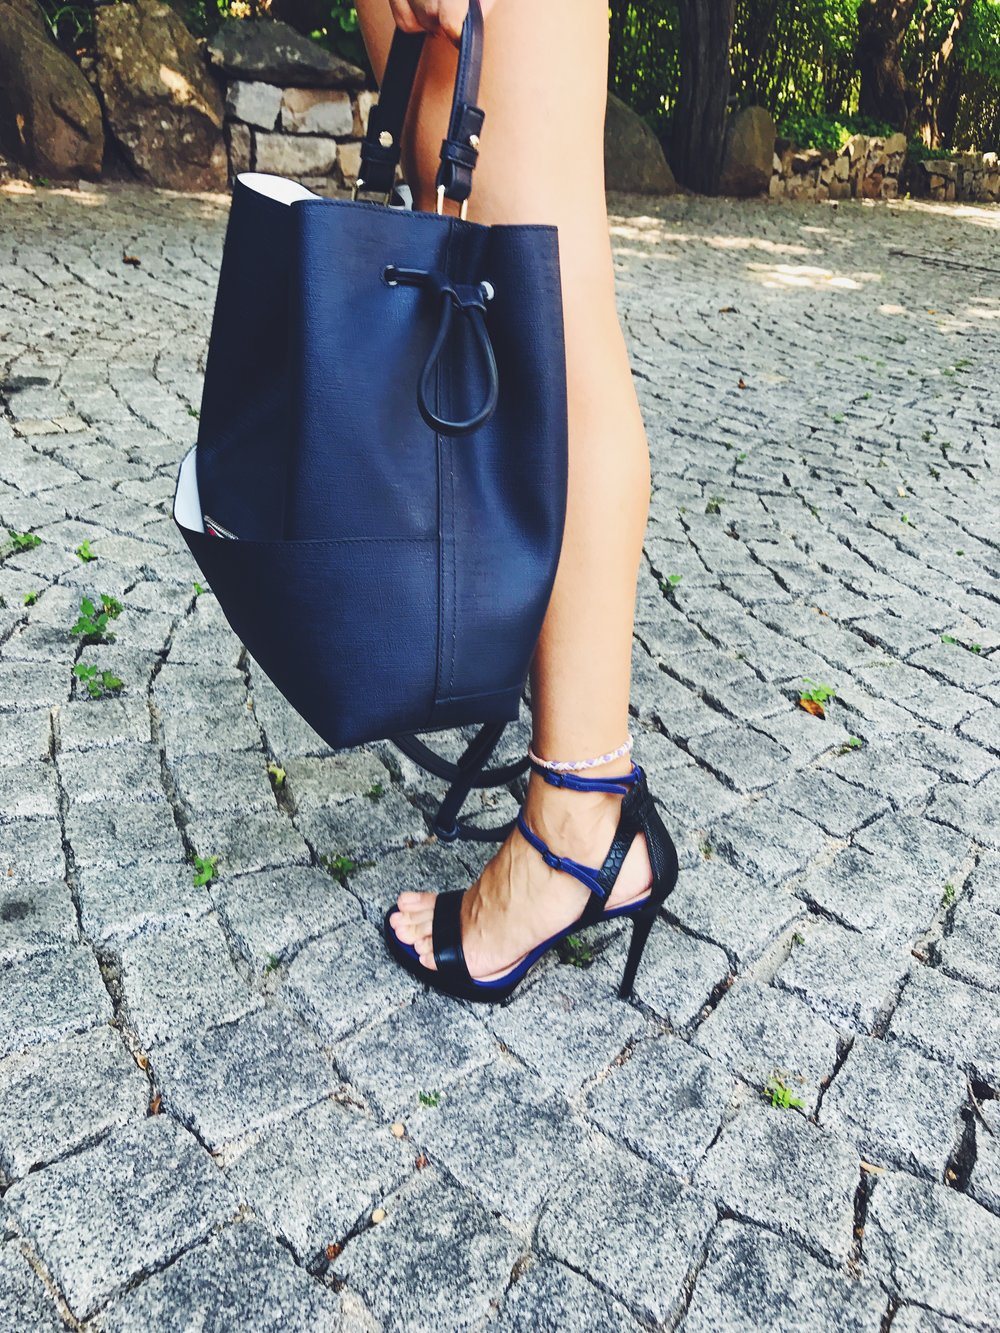 shoes & bag - Calvin Klein &Tommy Hilfiger